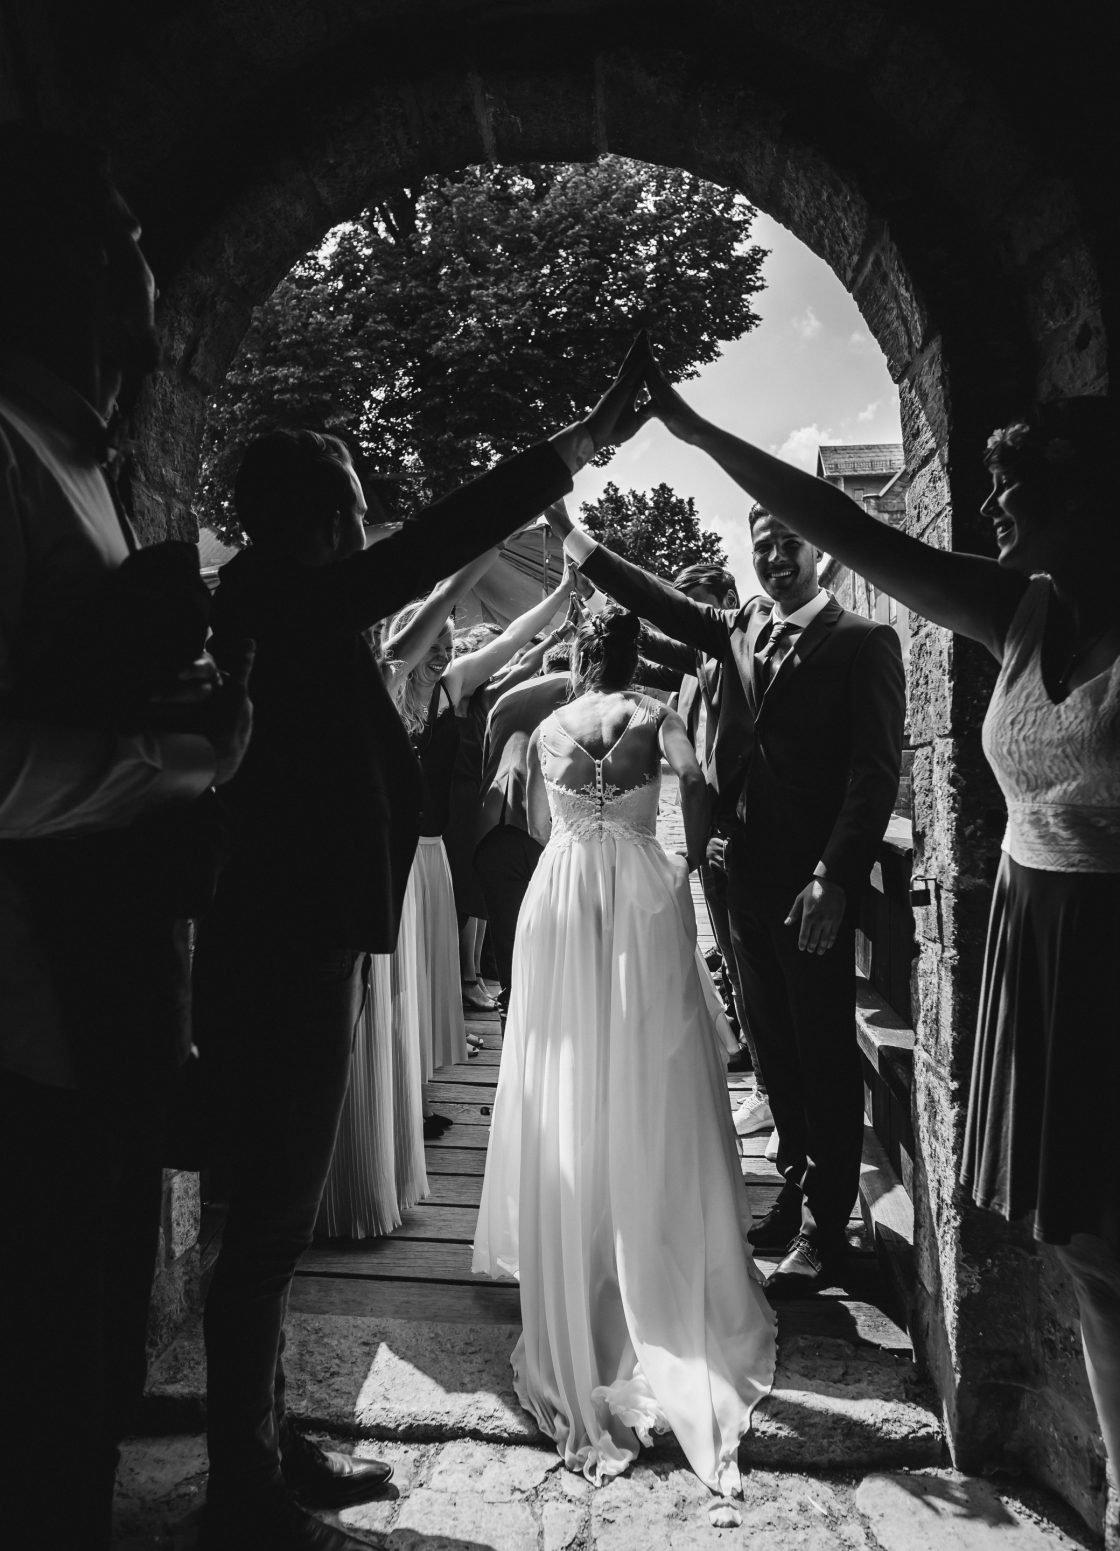 50mmfreunde Kranichfeld Hans am See Hohenfelden Hochzeit 0707 1120x1551 - 50mmfreunde_Kranichfeld_Hans-am-See_Hohenfelden_Hochzeit_0707